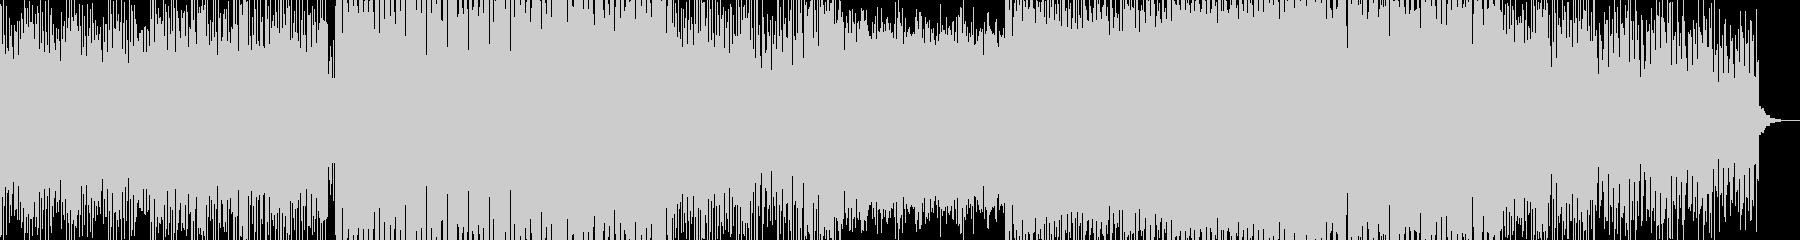 エレクトロ&トランスなモダンBGMの未再生の波形